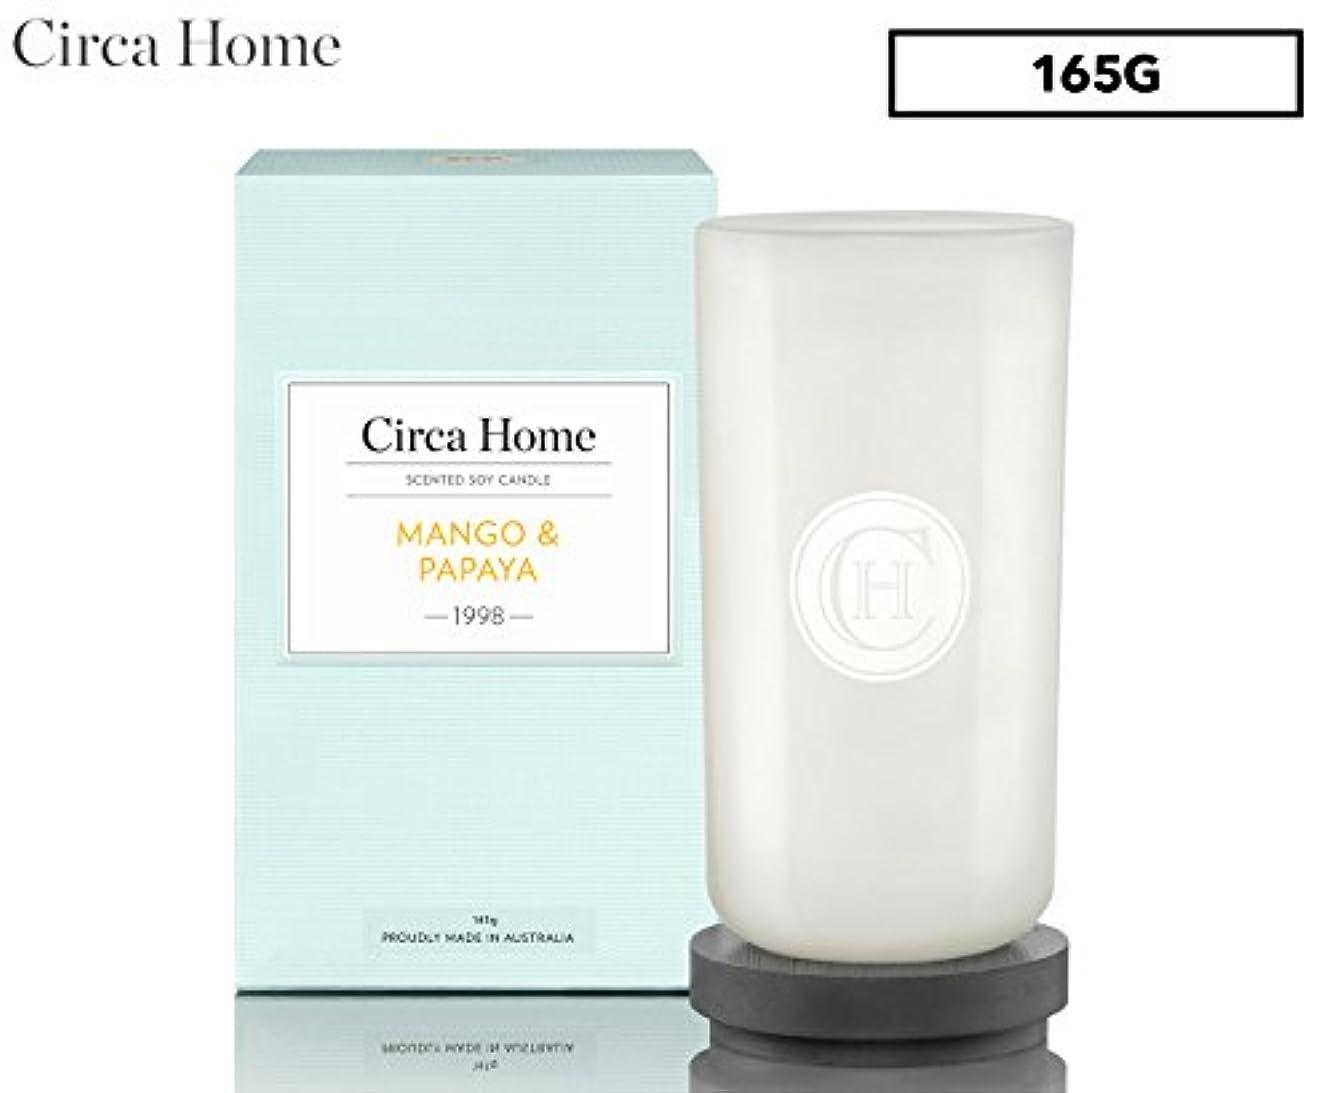 感謝する交流する水銀のCirca Home キャンドル(165g) 1998 MANGO & PAPAYA